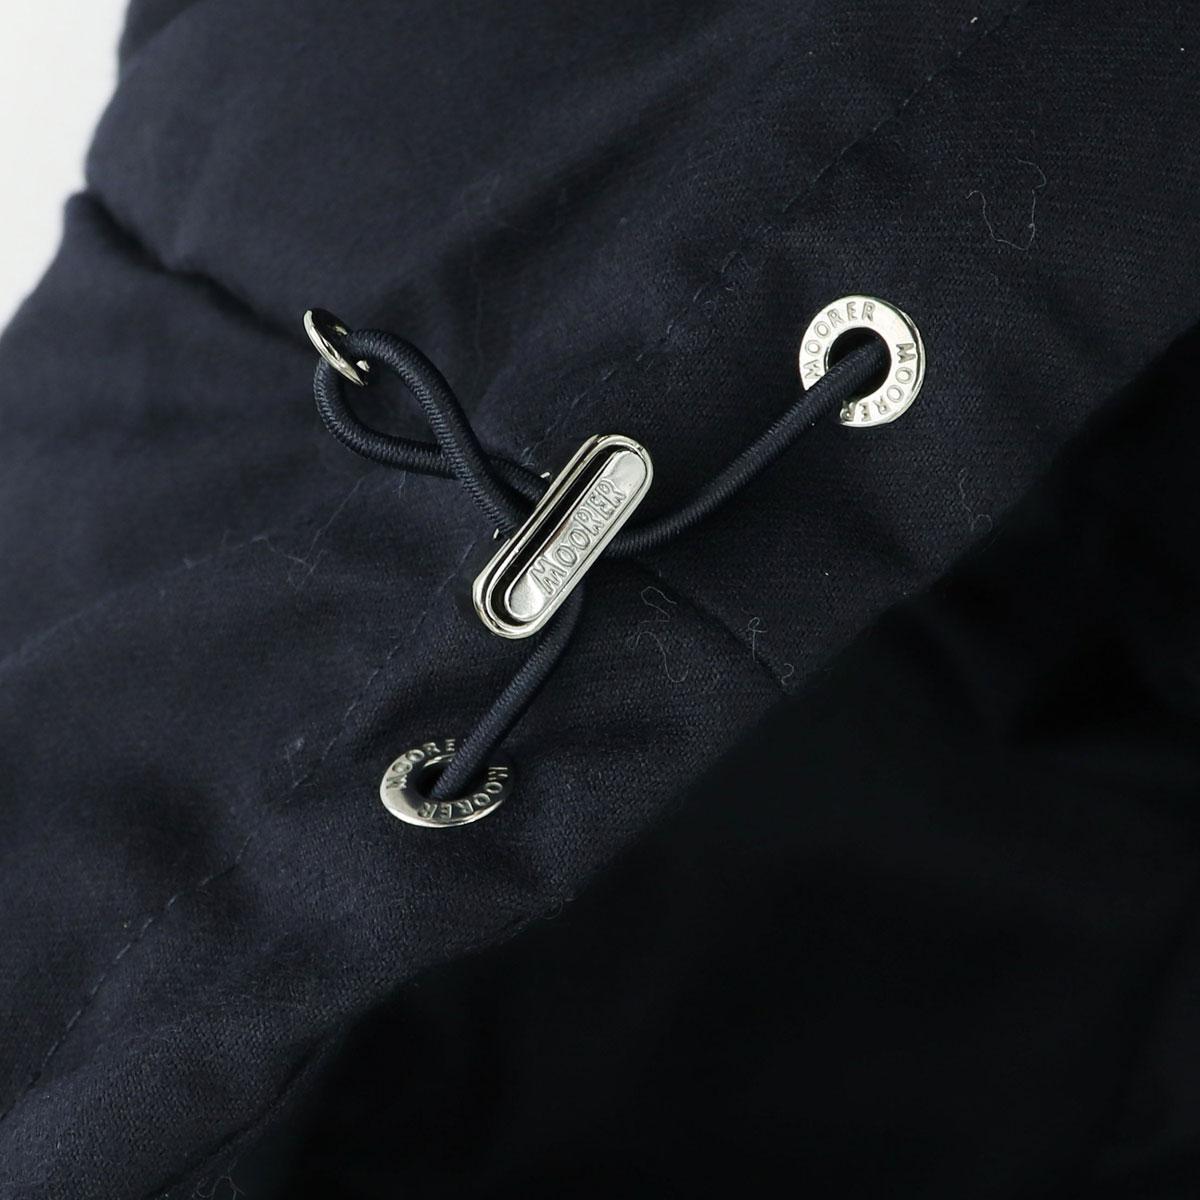 【決算セール】ムーレー MOORER メンズ 8B ダブルブレスト カシミヤ混フランネルウール ダウンコート フローリオ FLORIO-LL1 81717 76 BLU(ダークネイビー)【返品交換不可】